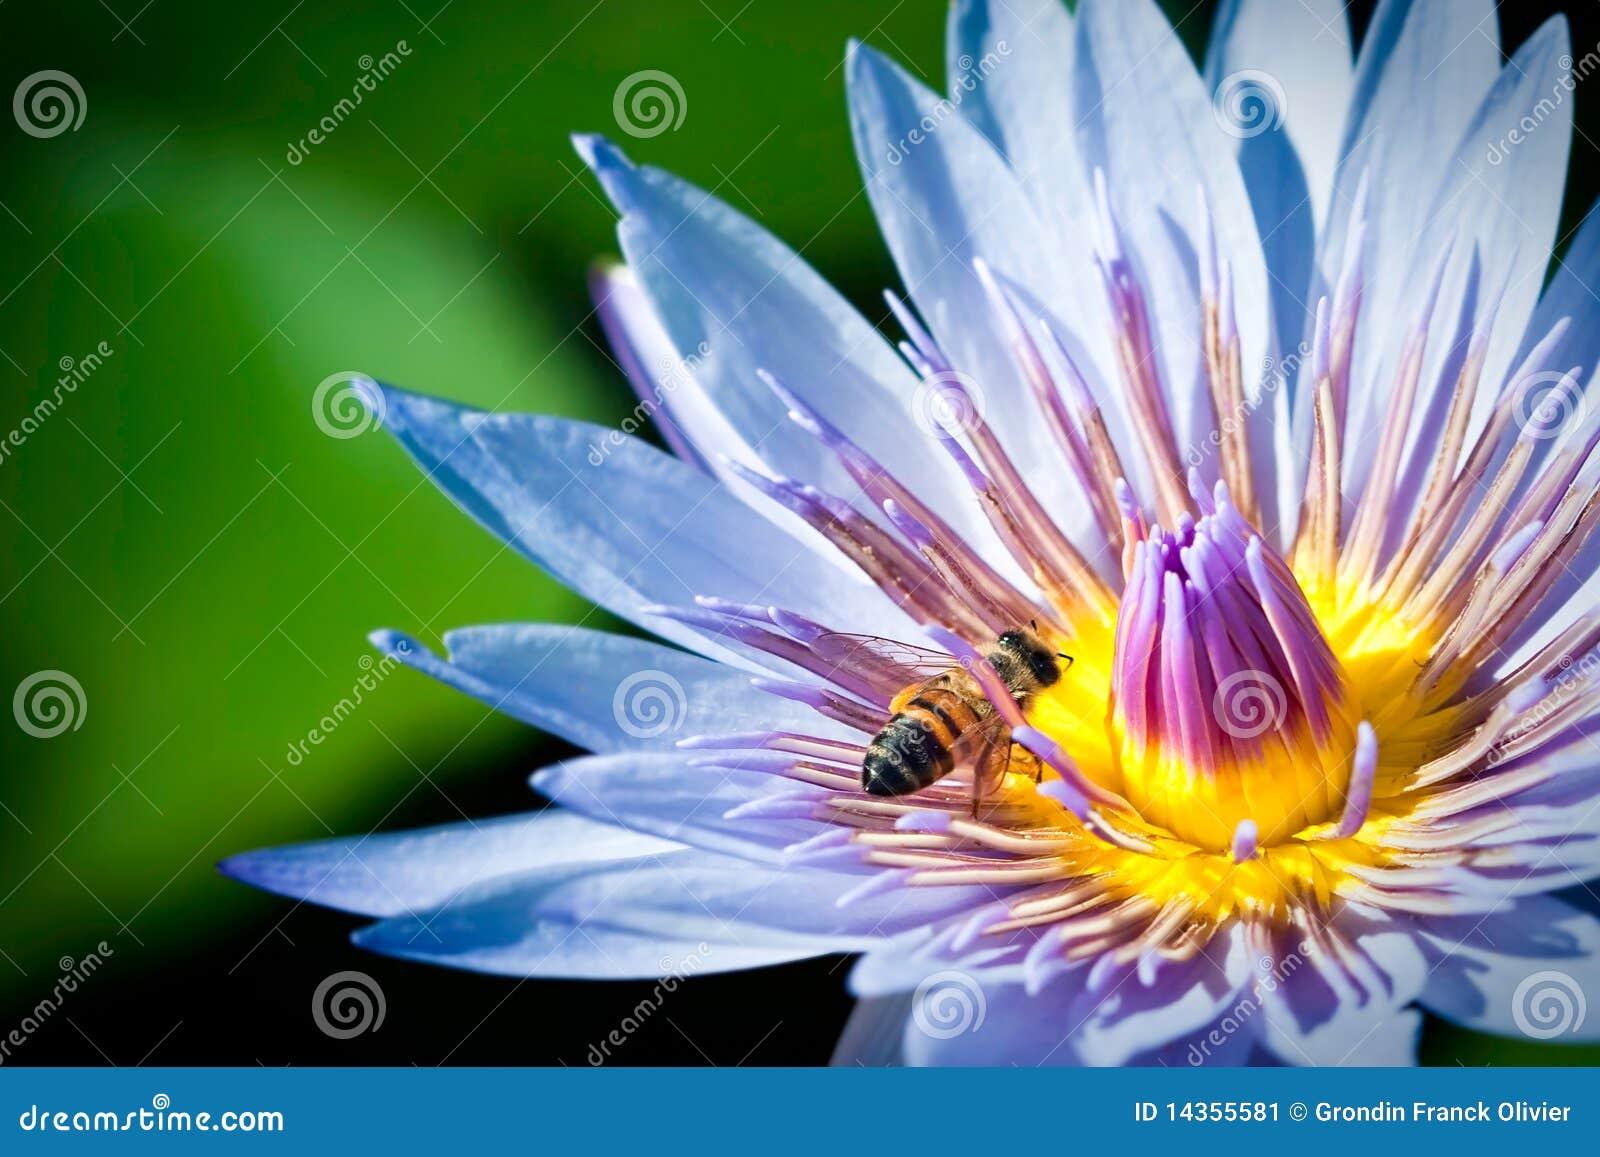 Bee in blue lotus flower